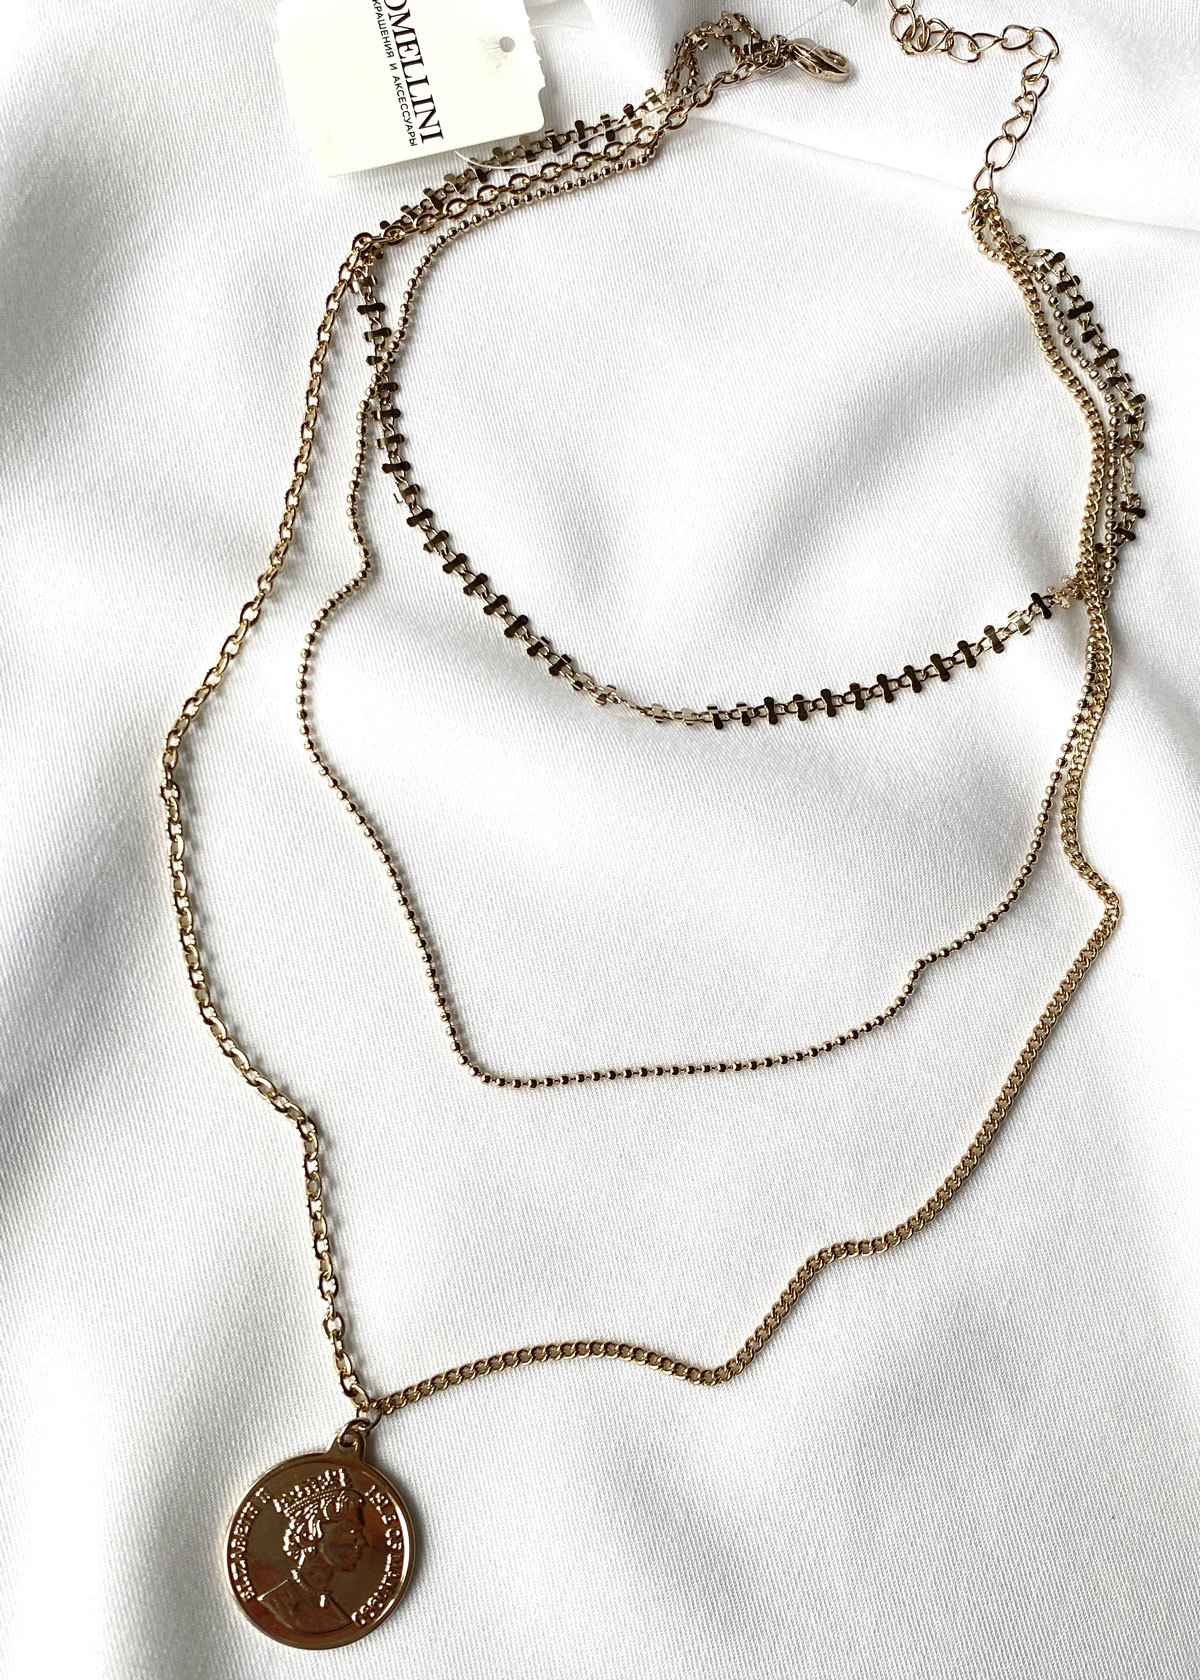 Тройная цепь с монетой (брасс)